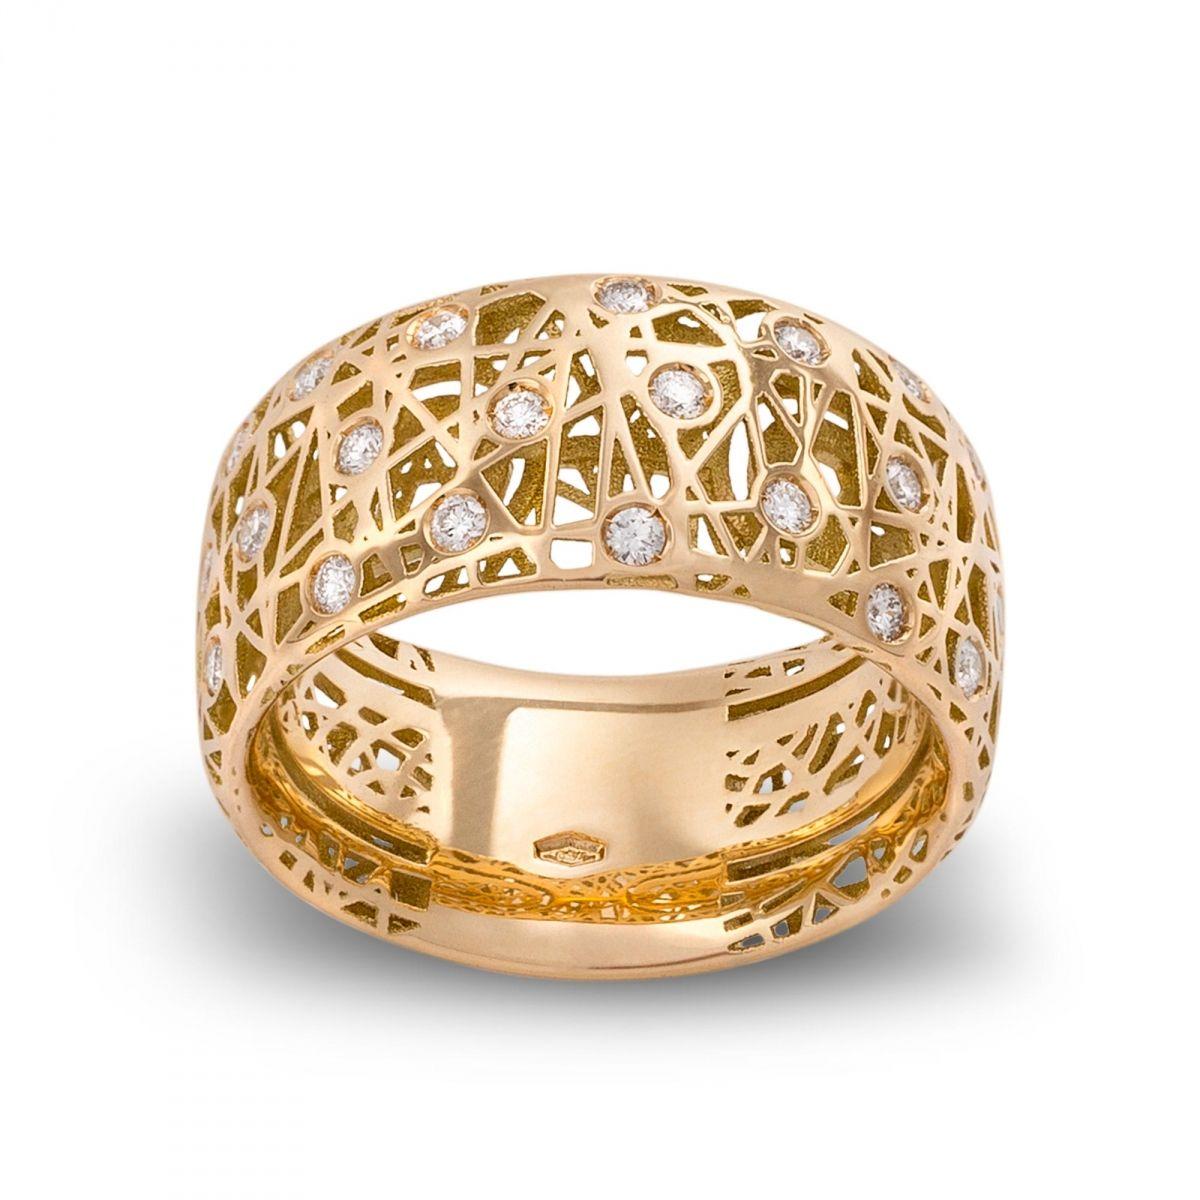 a4016ede401c2a anelli oro giallo particolari - Cerca con Google   ⭐ 戒指 Ring ...